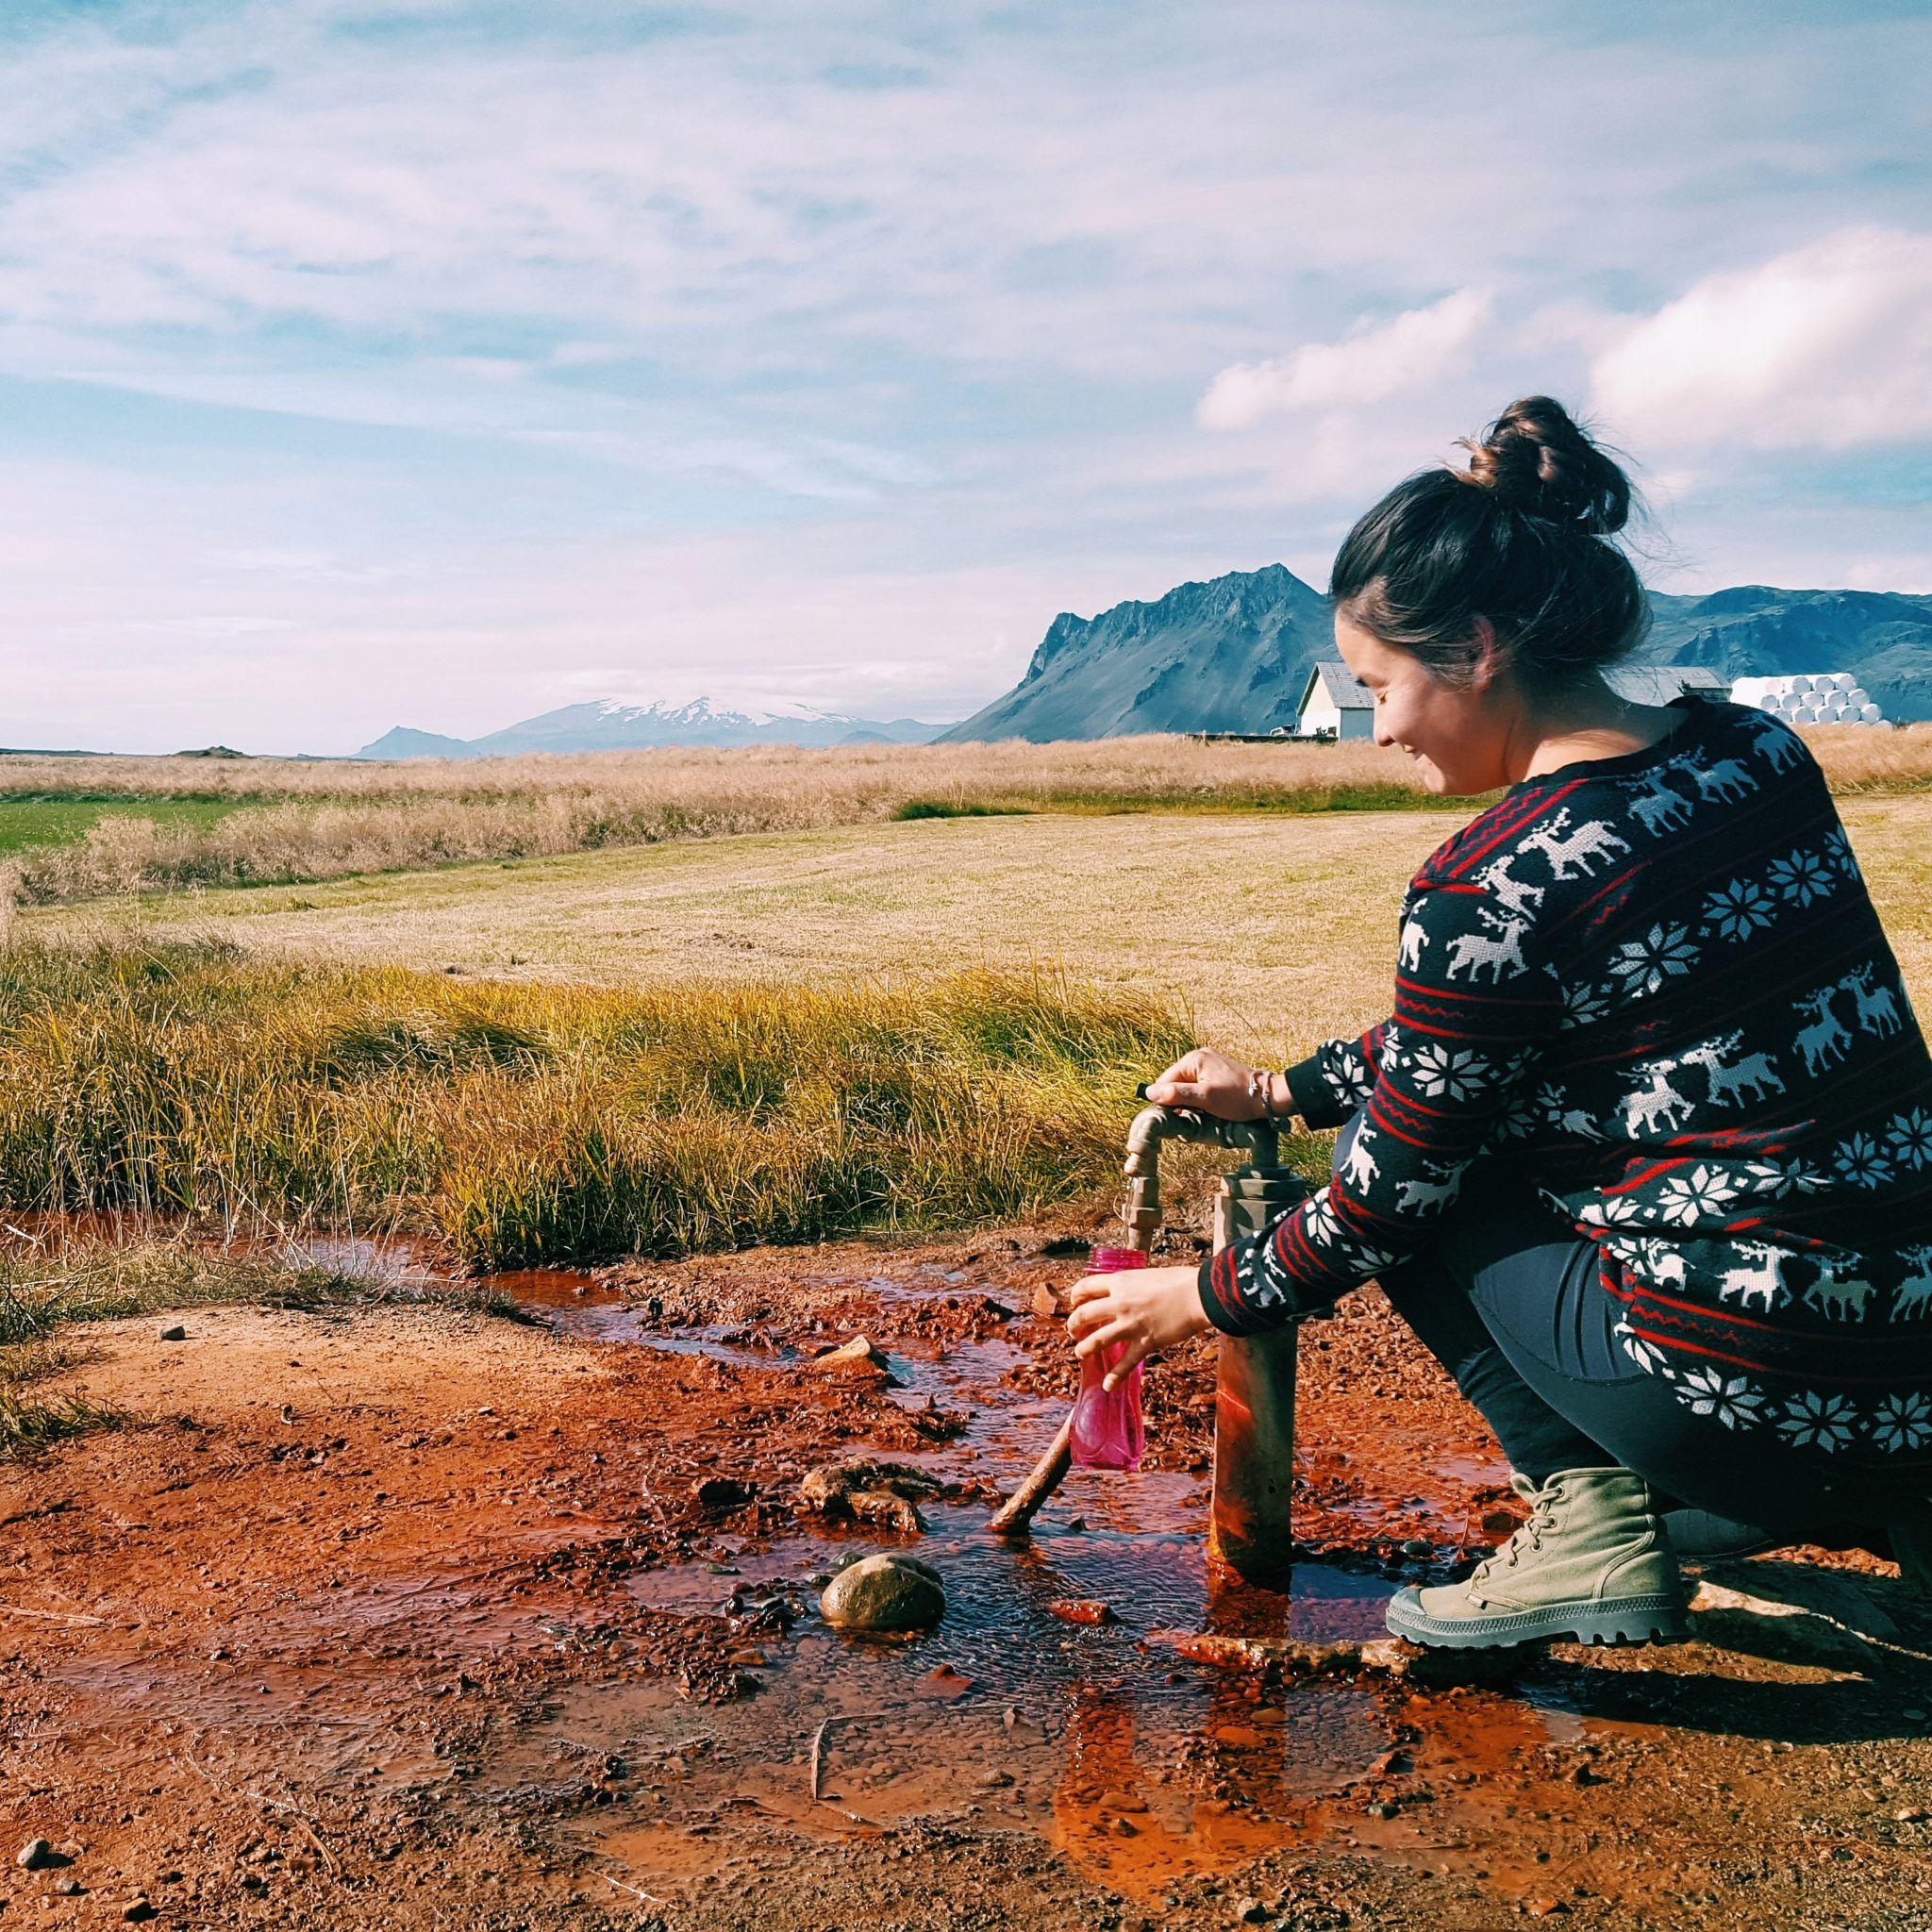 April filling up her water bottle by Ölkelda